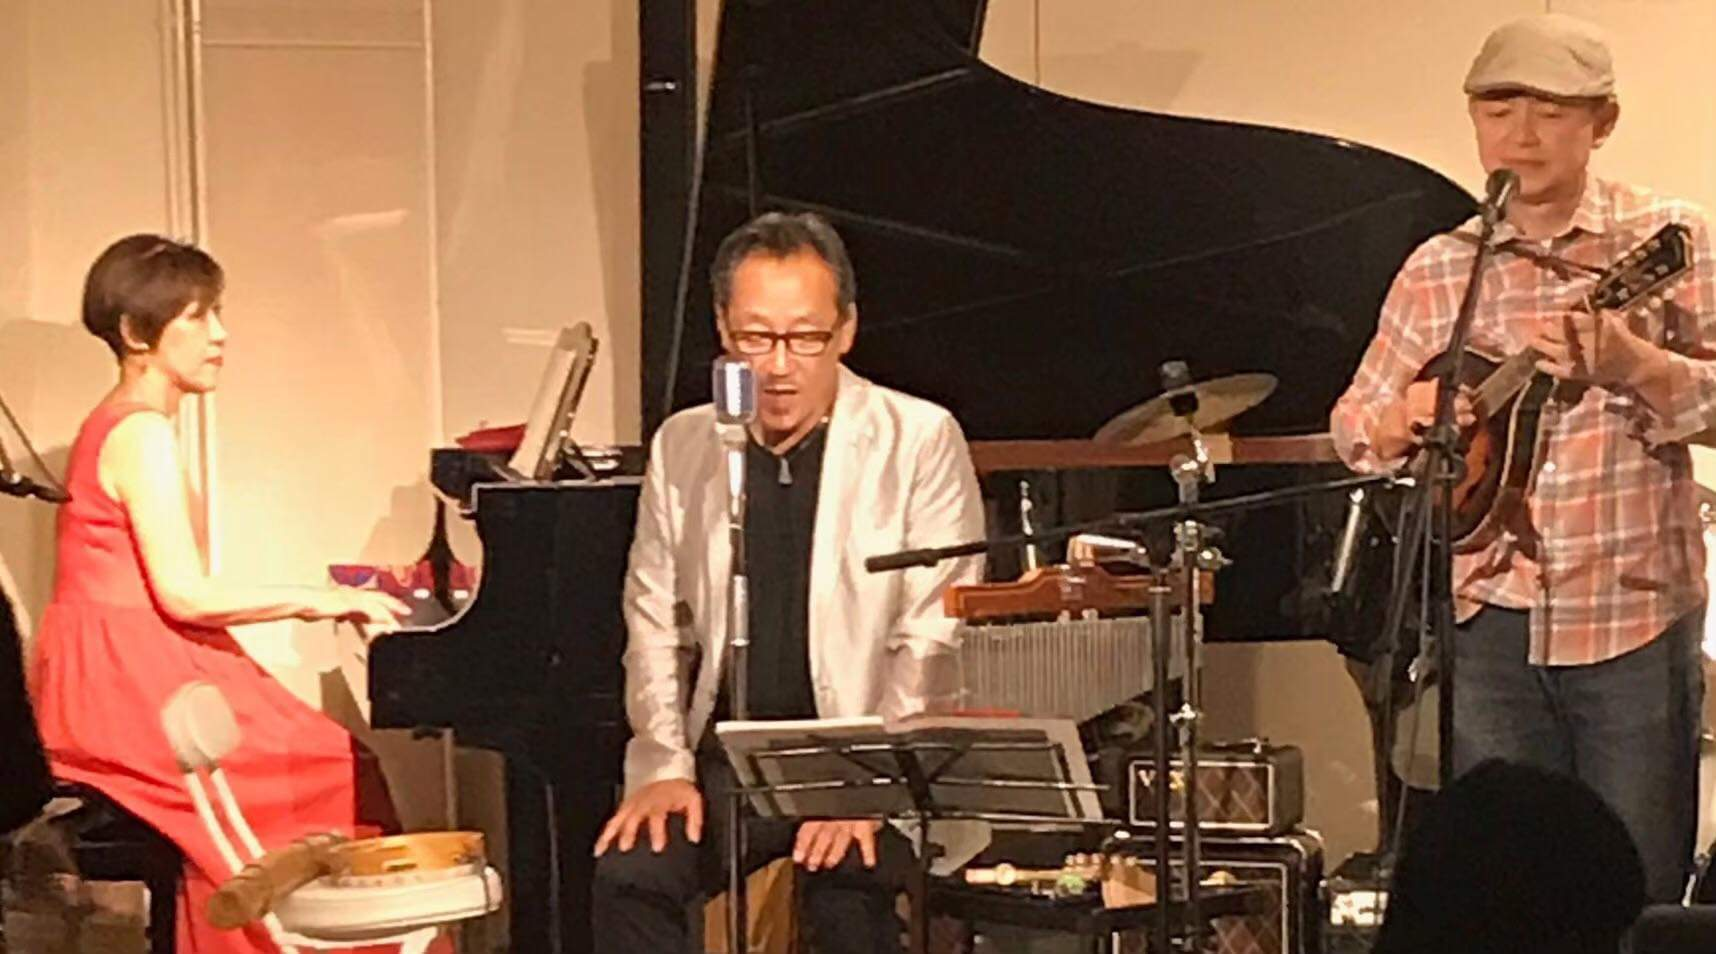 神戸から、10/31(土)満月の日、県庁発祥の地兵庫津Jazz Liveでパフォーマンス揮毫します_a0098174_14180949.jpg